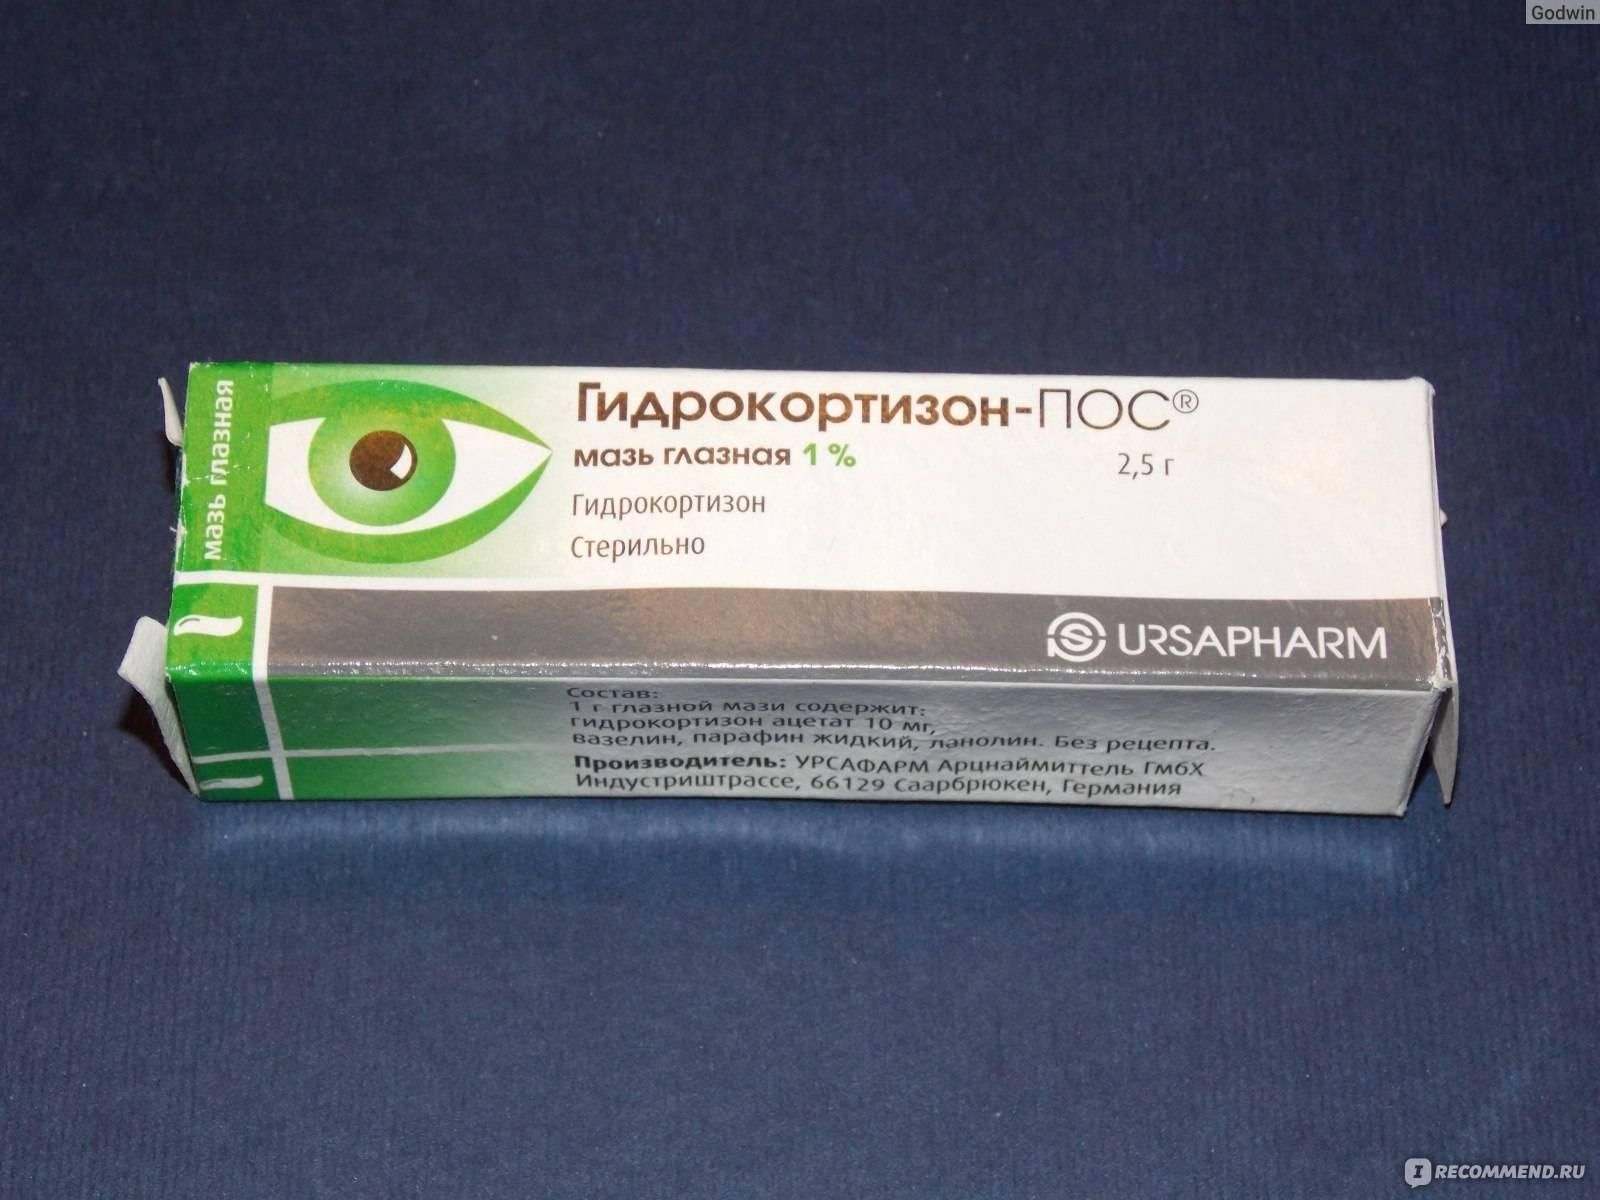 Мазь от ячменя на глазу. тетрациклиновая, эритромициновая, гидрокортизоновая мазь - какая лучше?